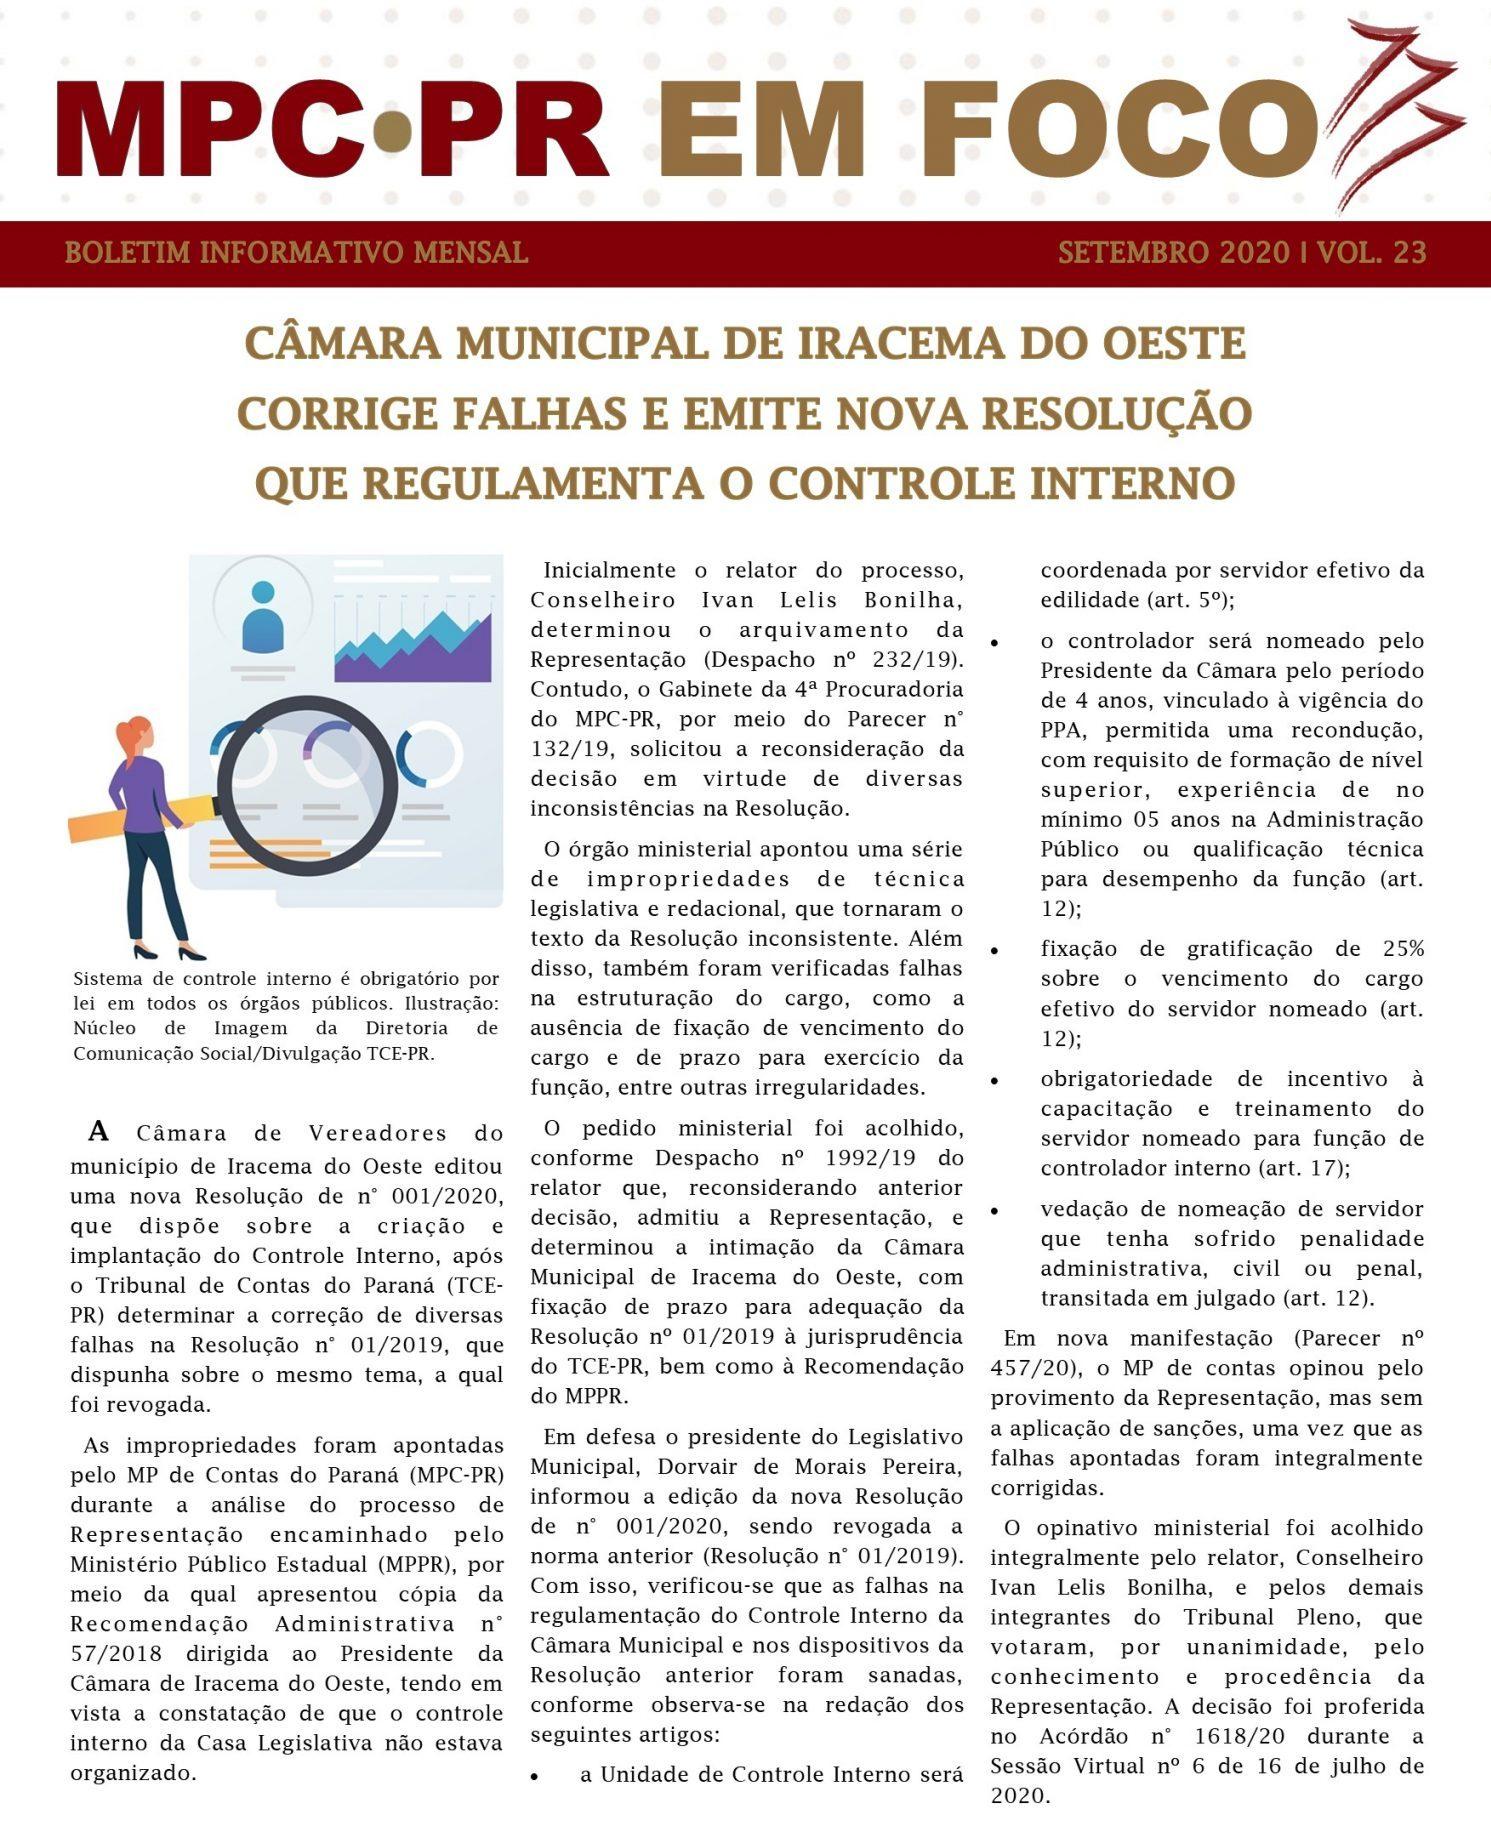 Boletim Informativo MPC-PR em Foco setembro/2020